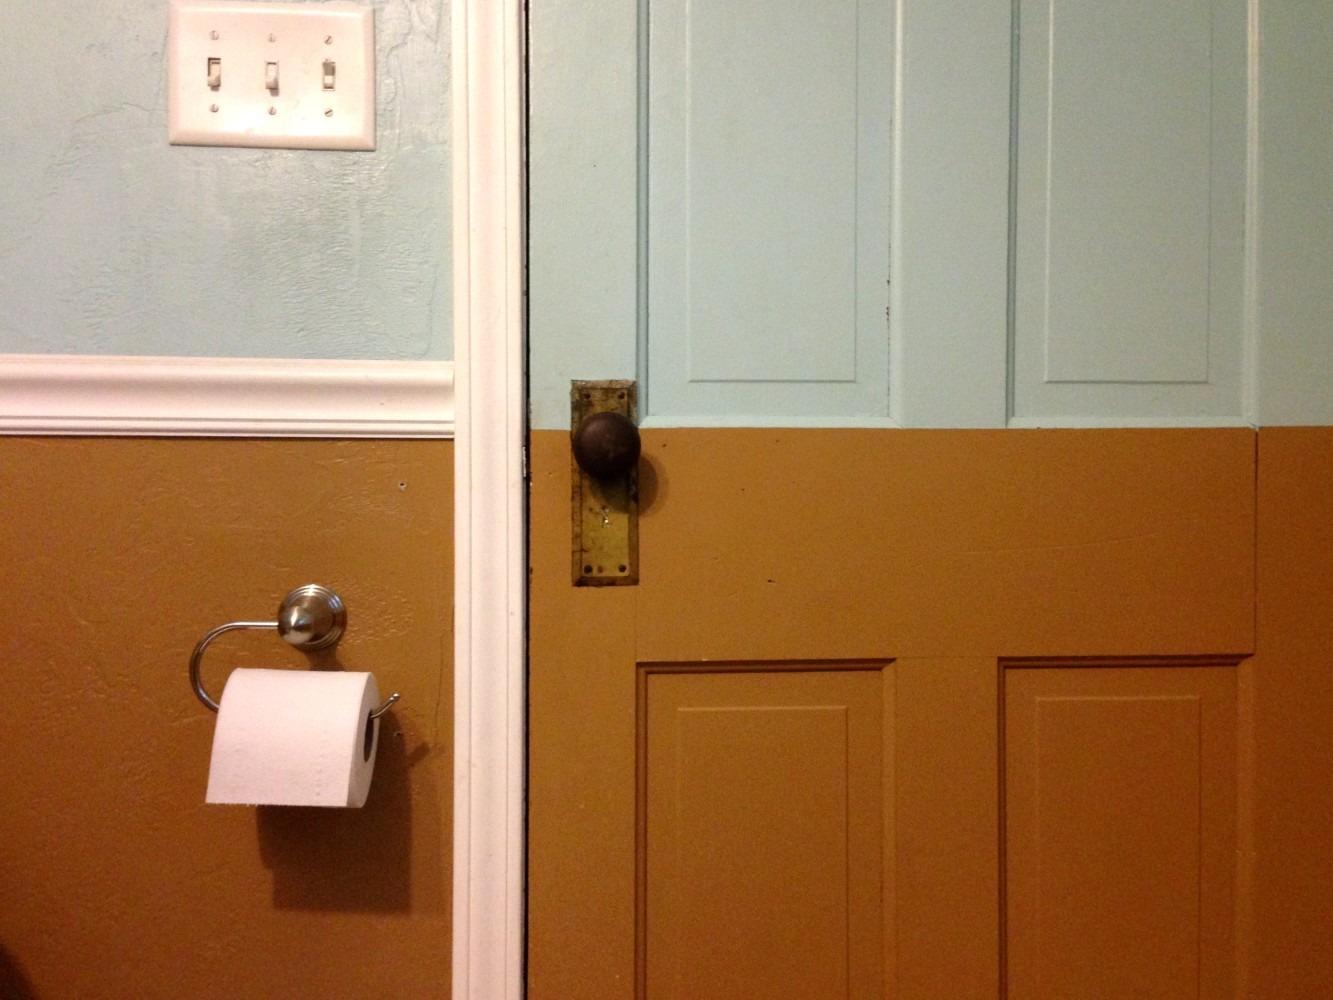 004 – Through The Bathroom Door